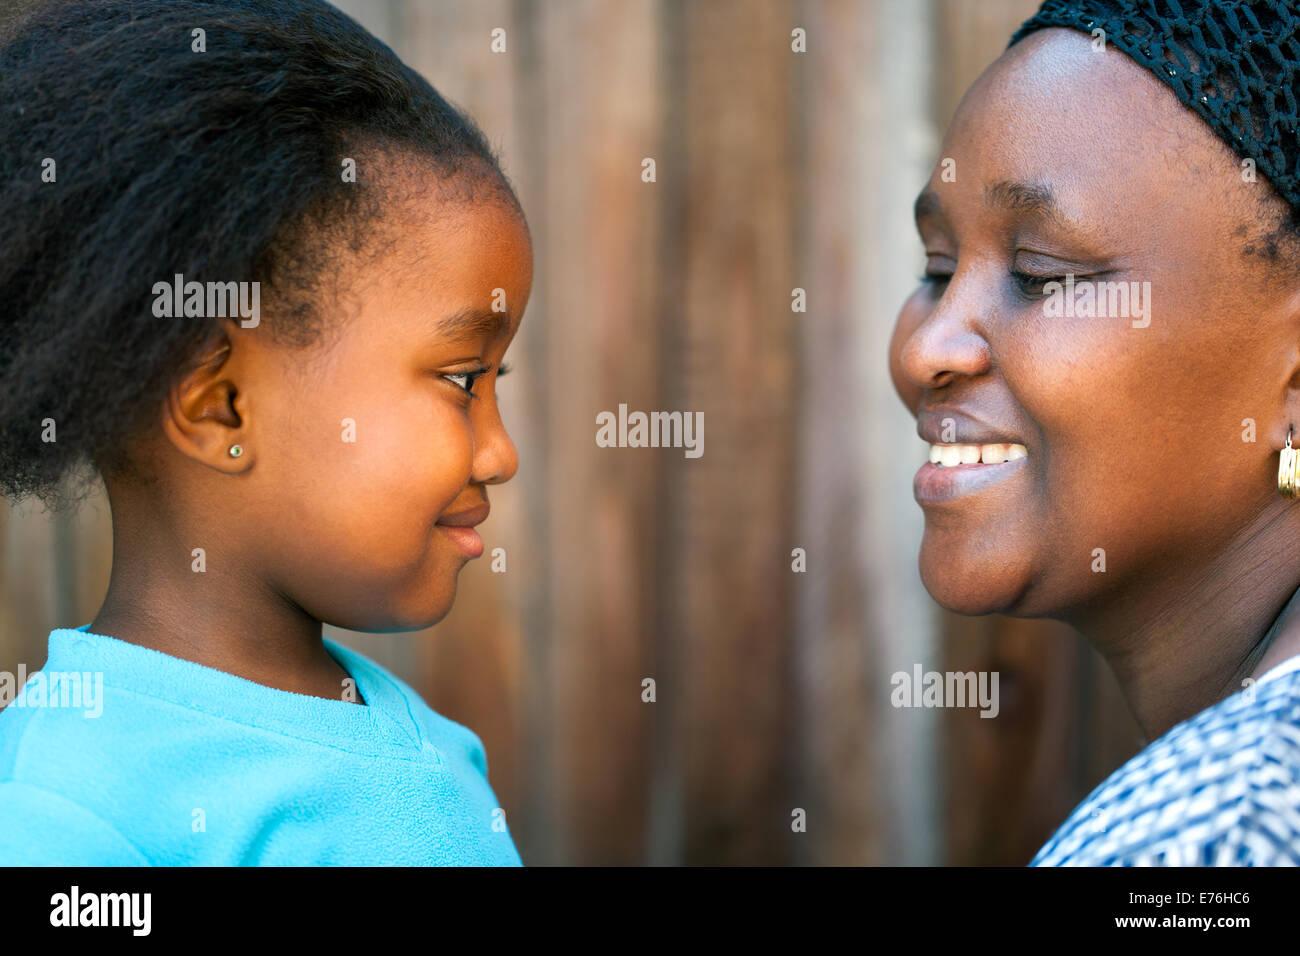 Close up ritratto di madre africana e figlia guardando ogni altro. Immagini Stock